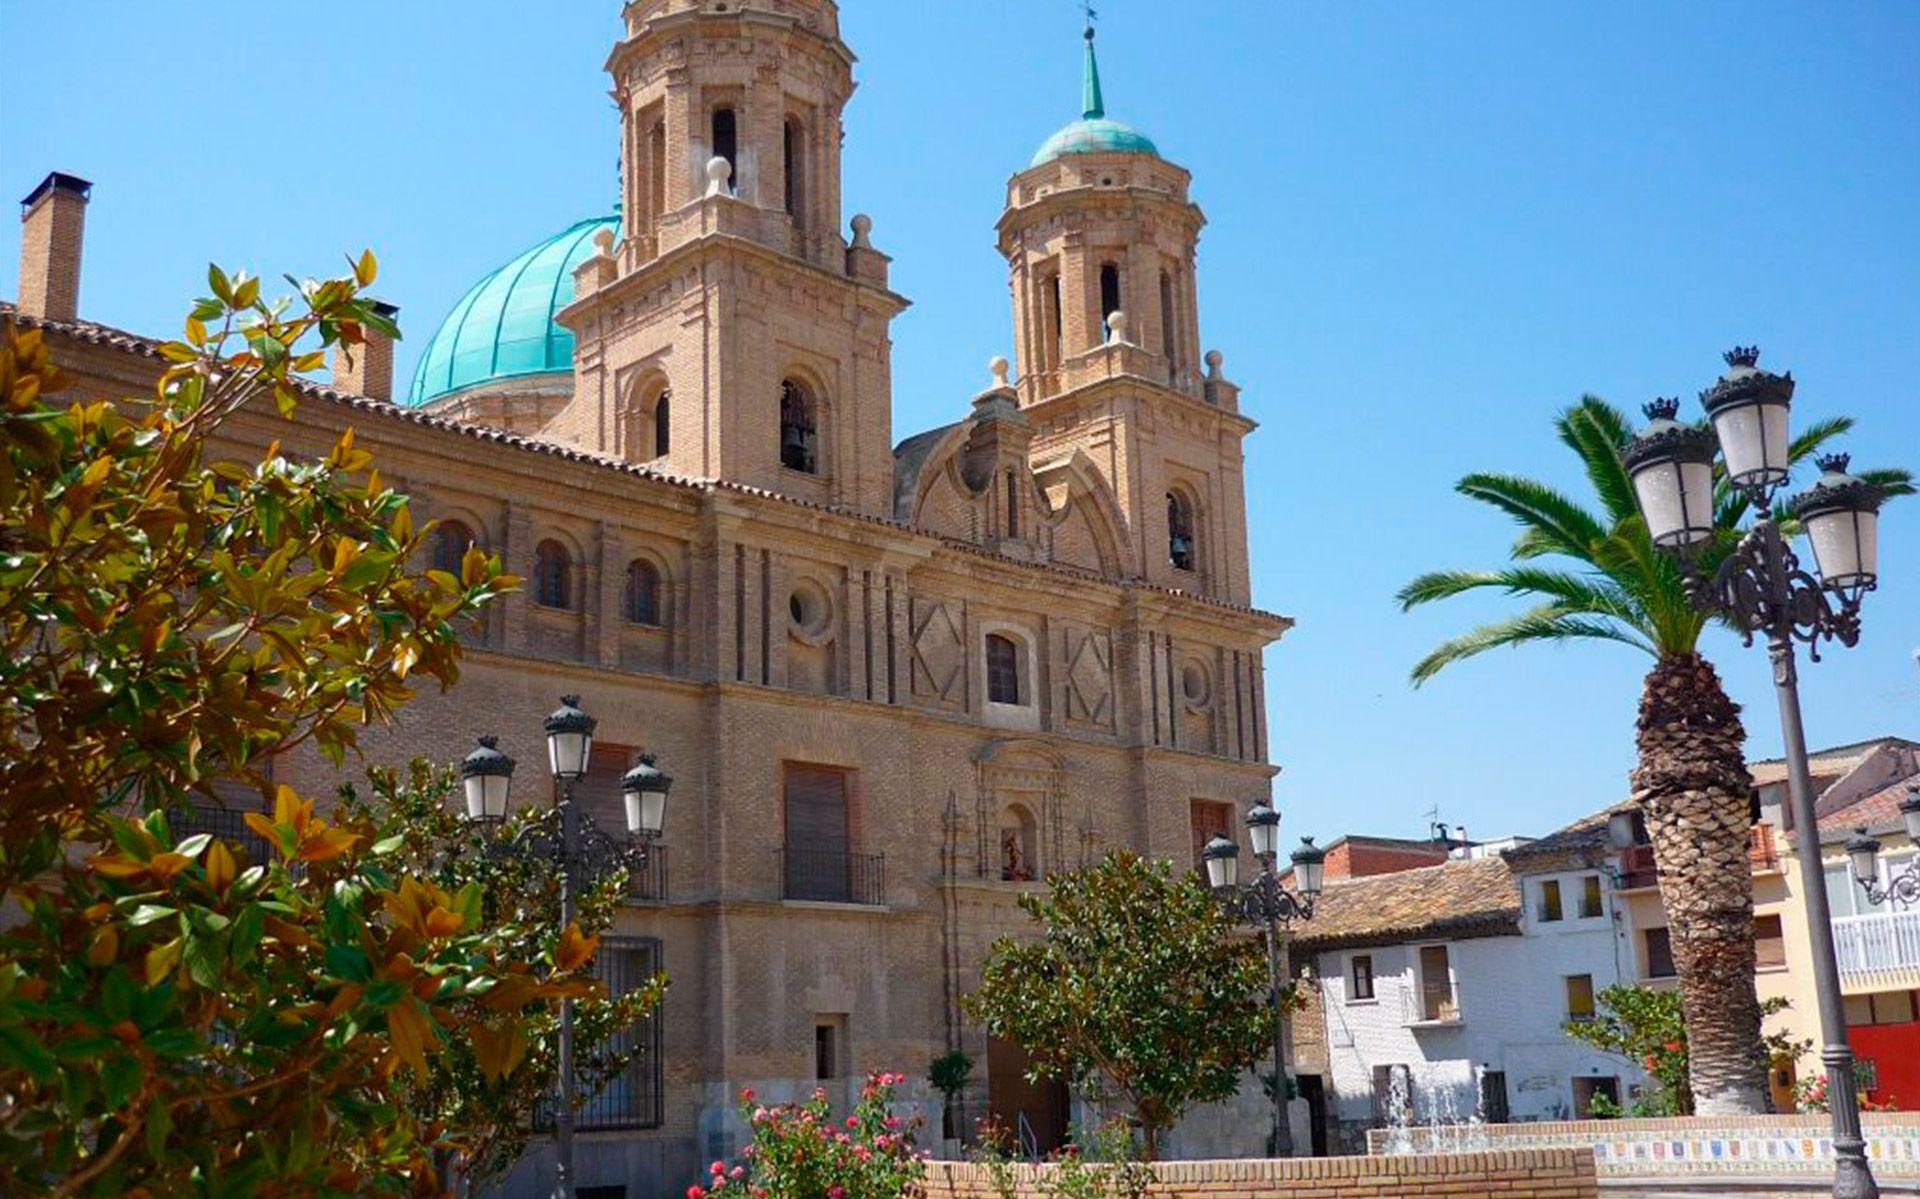 iglesia-san-miguel-arcangel-villafranca-de-ebro